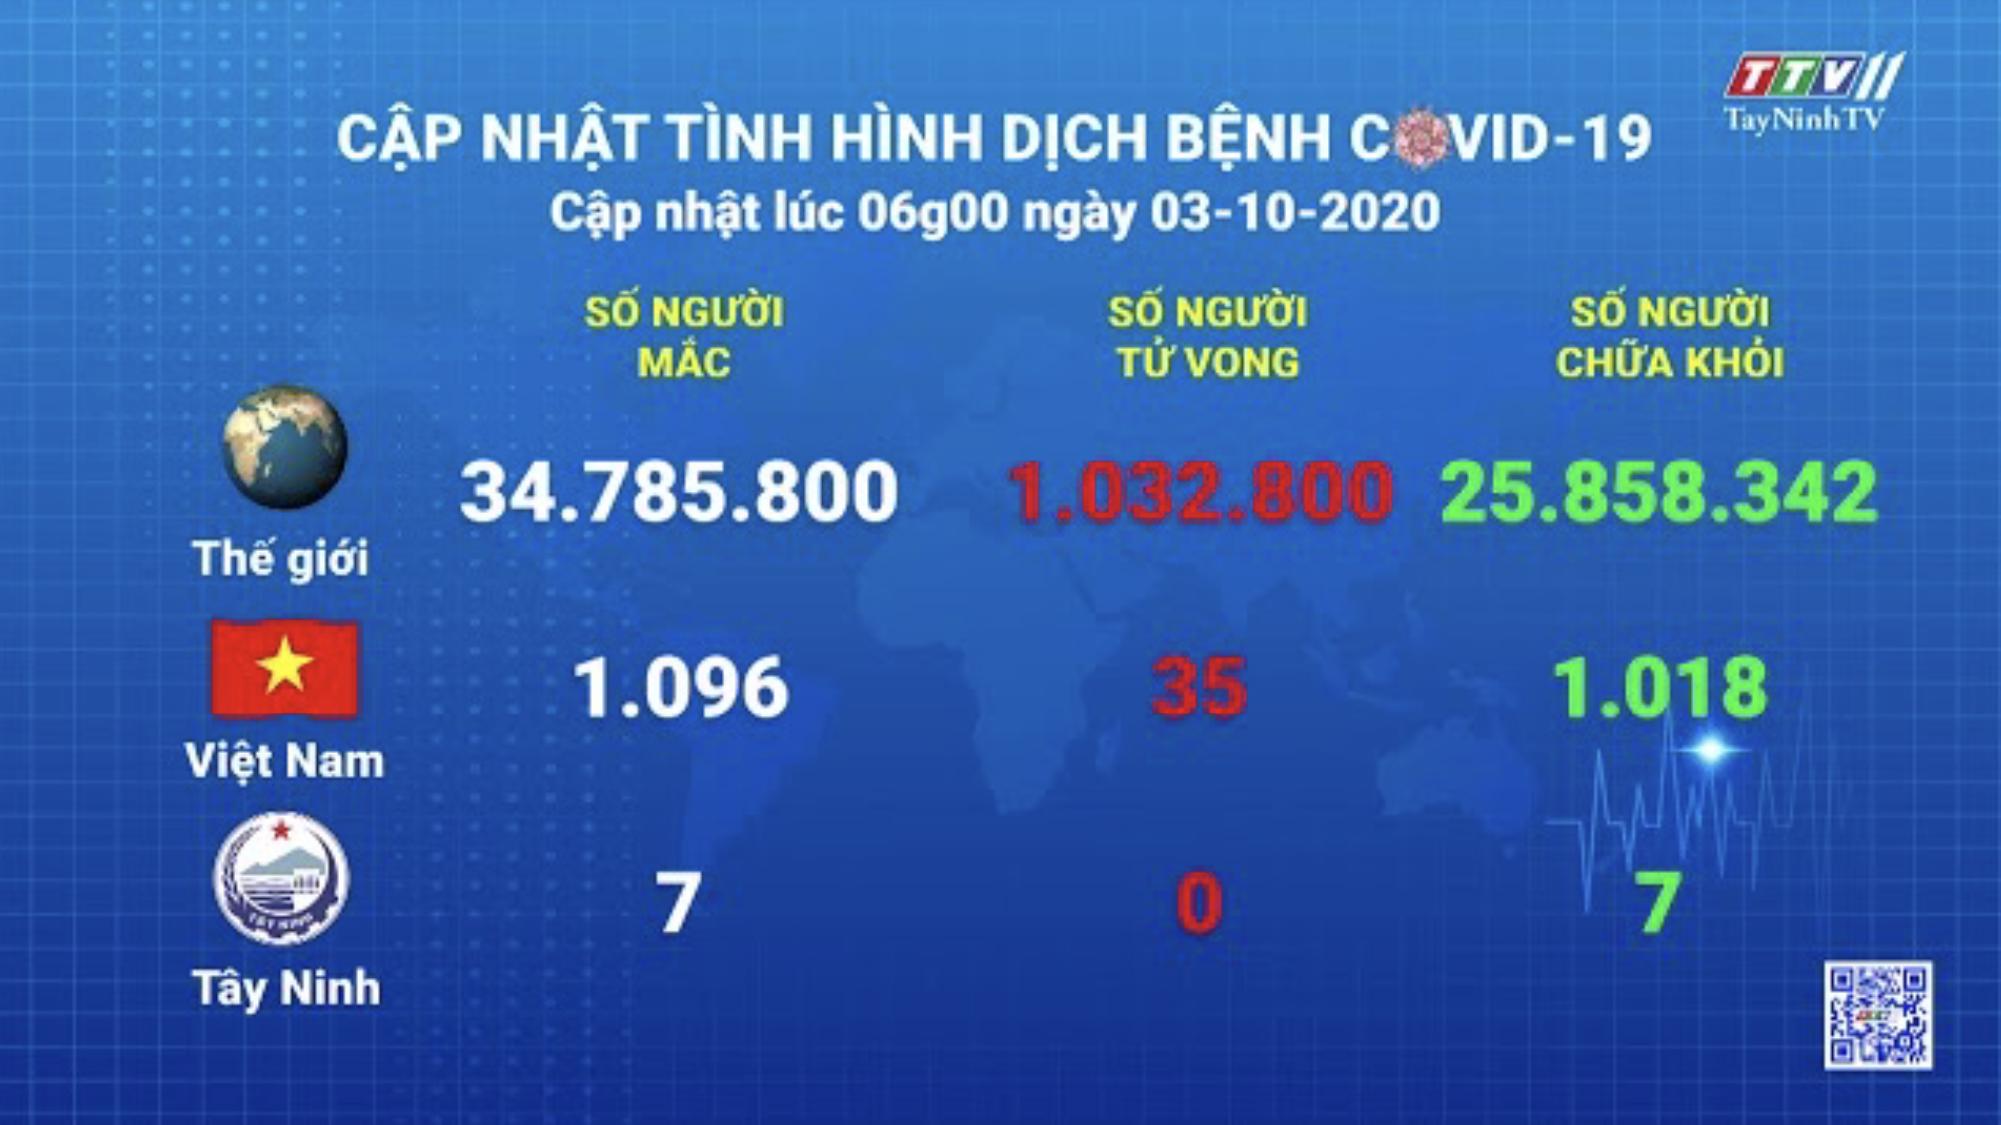 Cập nhật tình hình Covid-19 vào lúc 06 giờ 03-10-2020 | Thông tin dịch Covid-19 | TayNinhTV